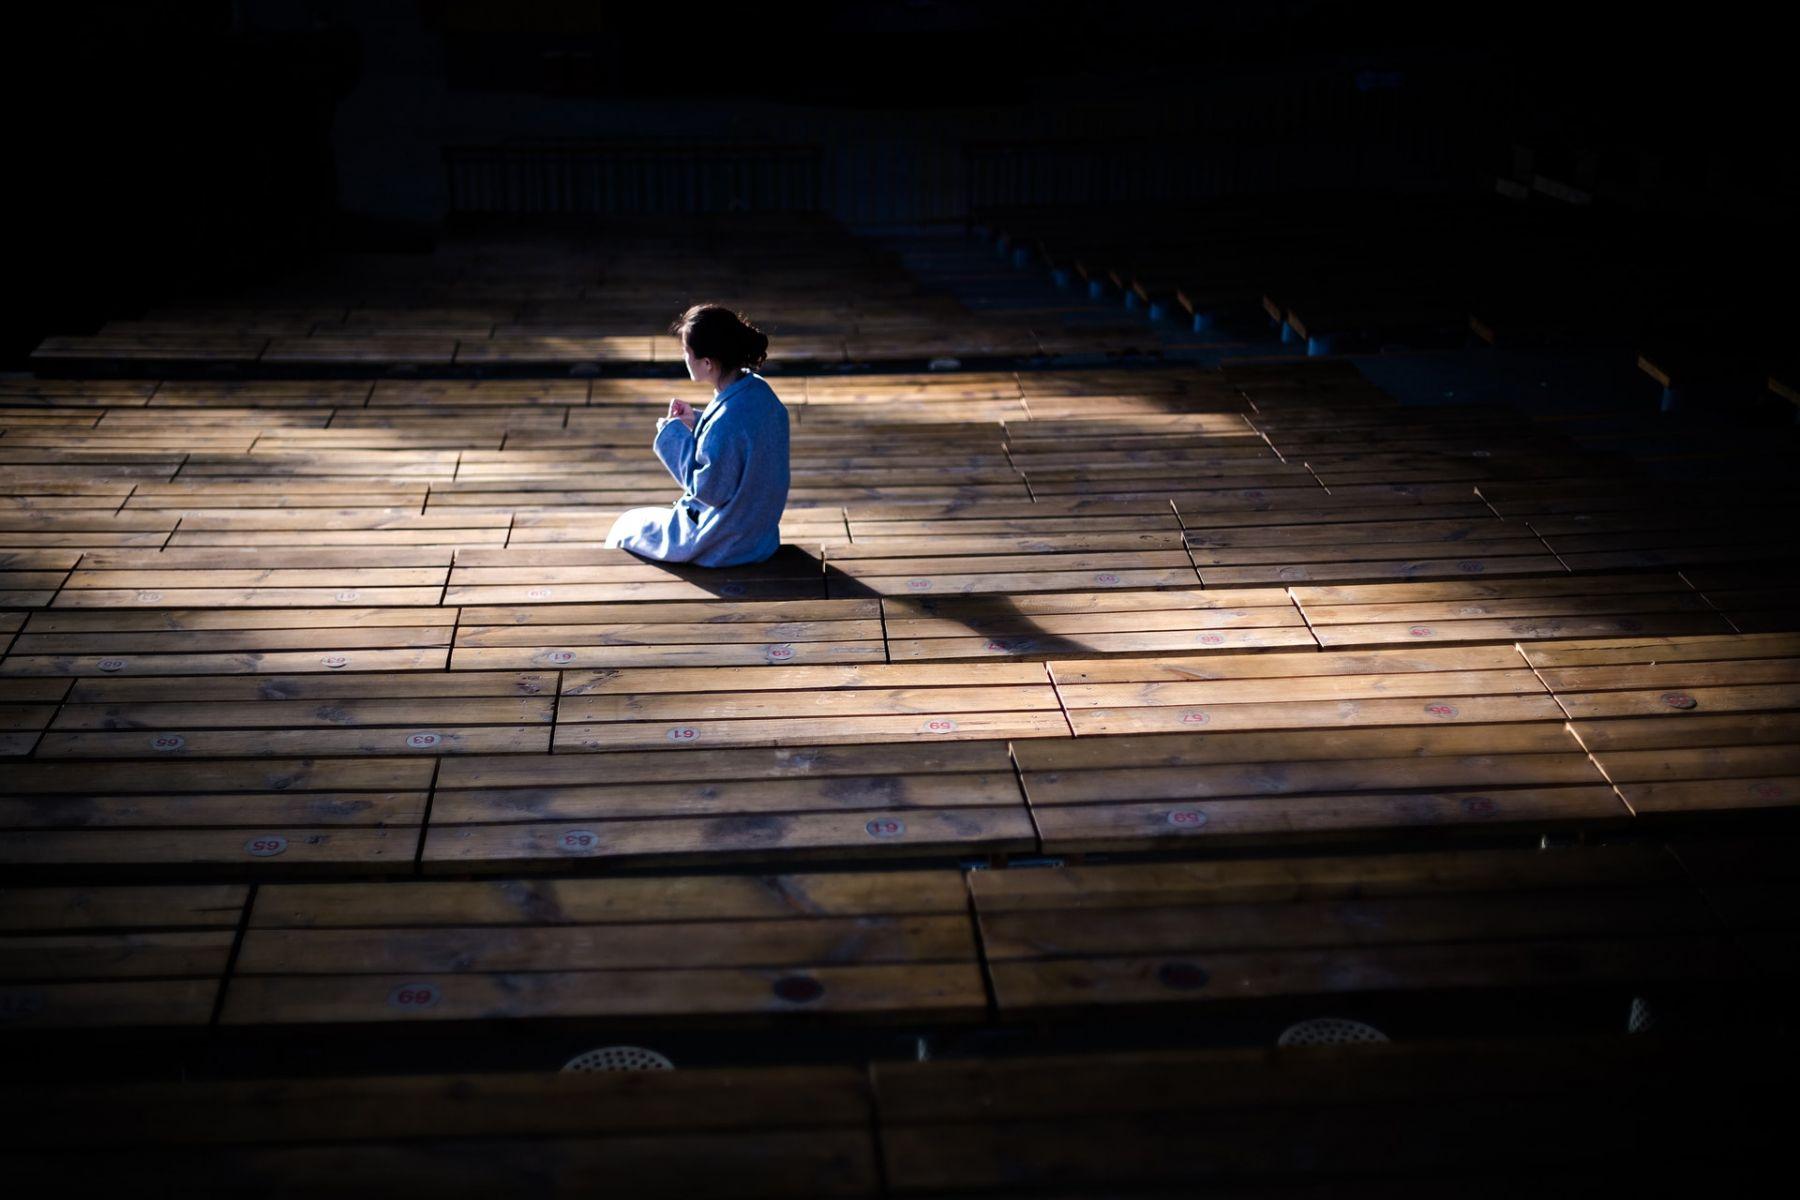 孤單是人生難以承受的輕!給中年女人的一封生命情書